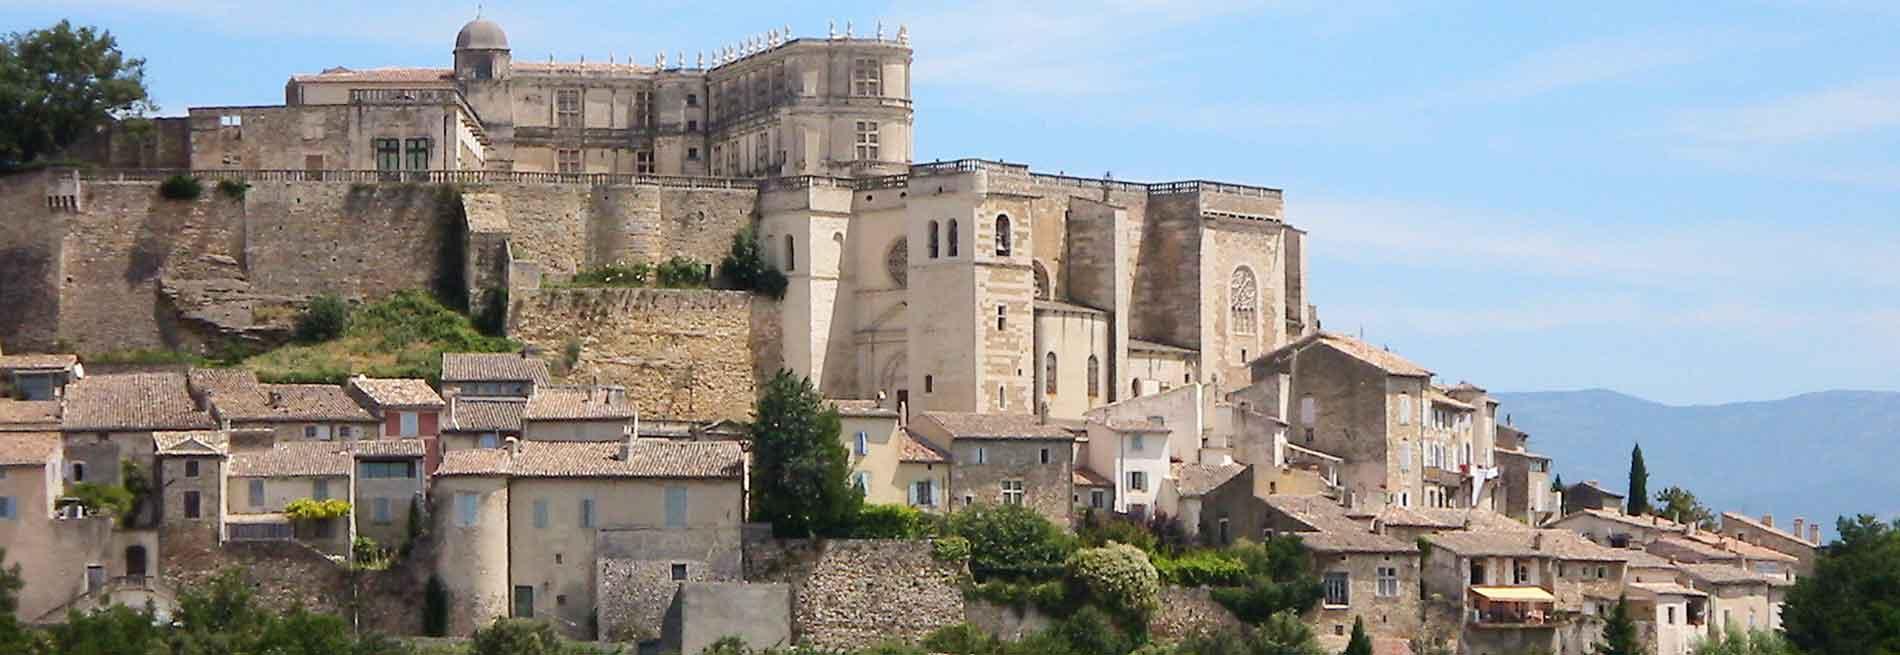 Château de Girgnan